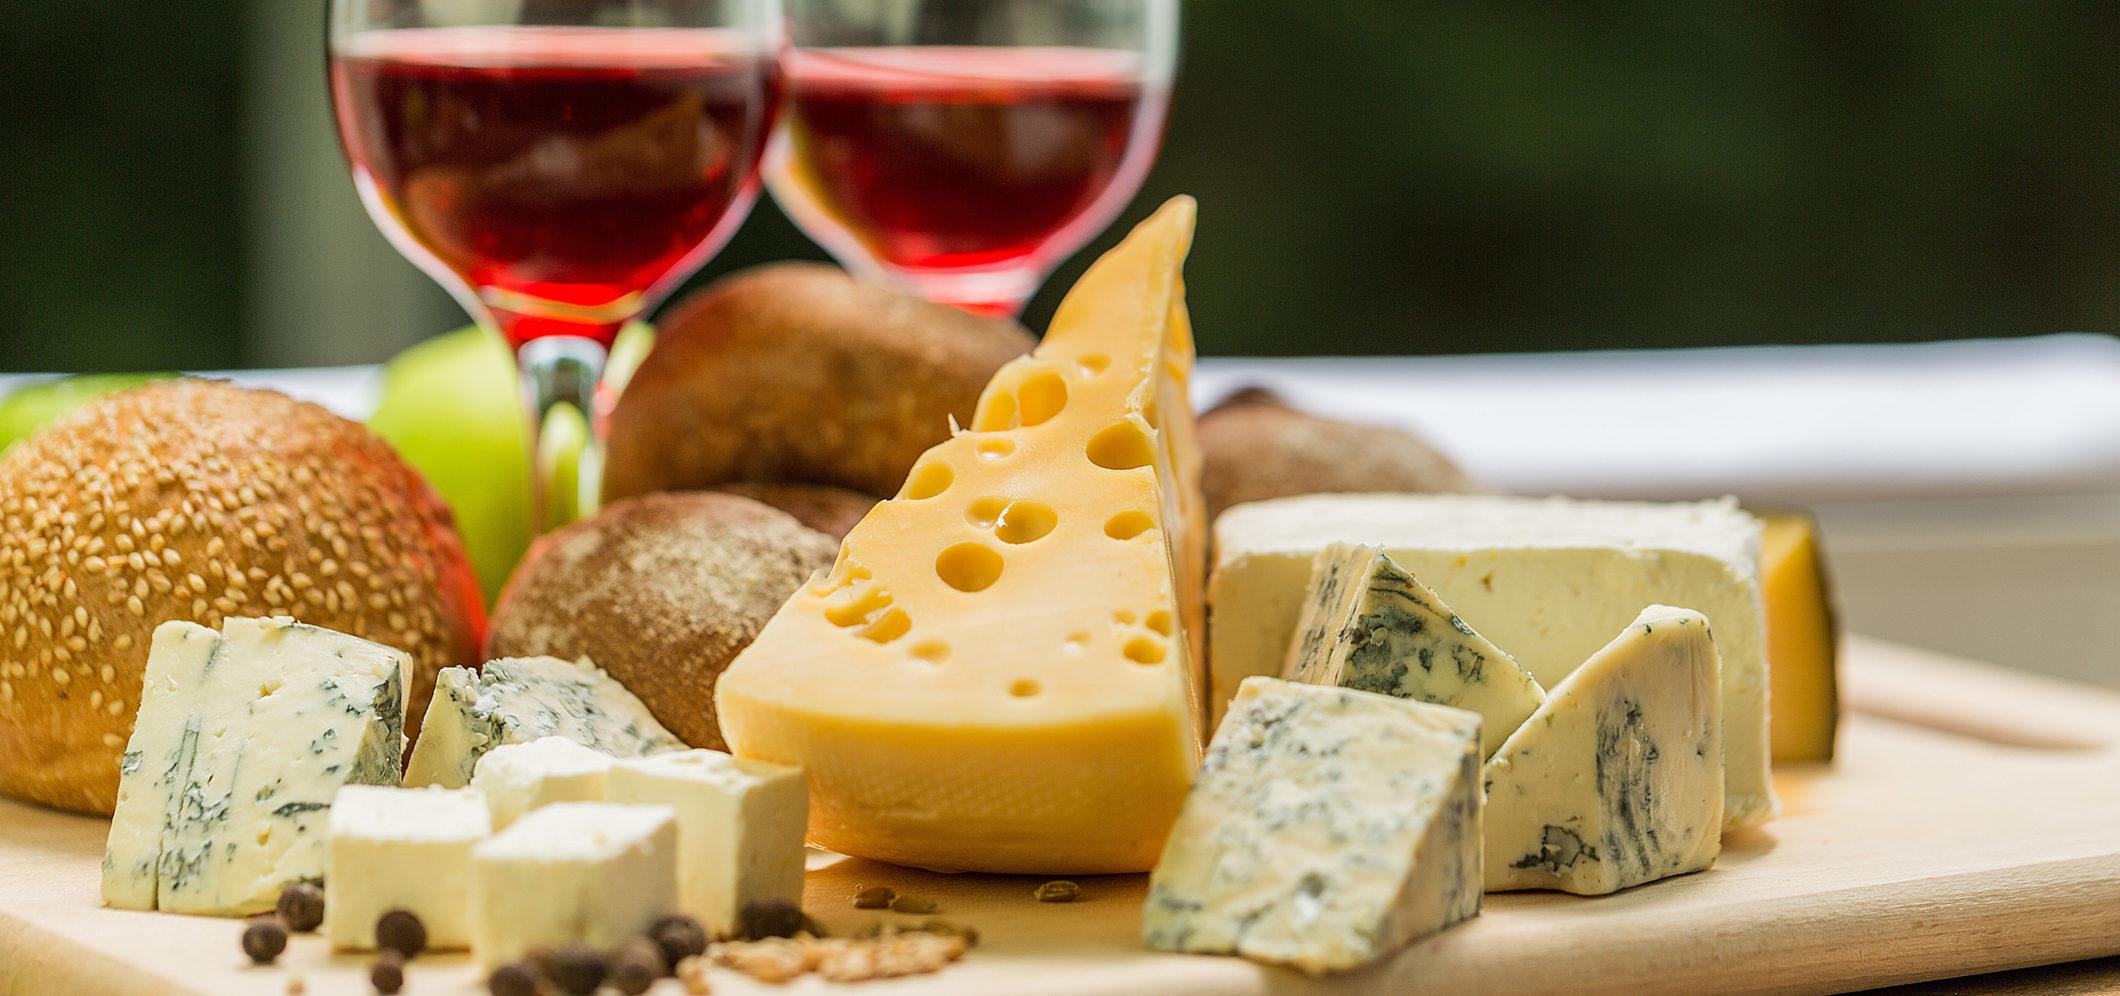 Um guia de harmonização de vinhos e queijos.